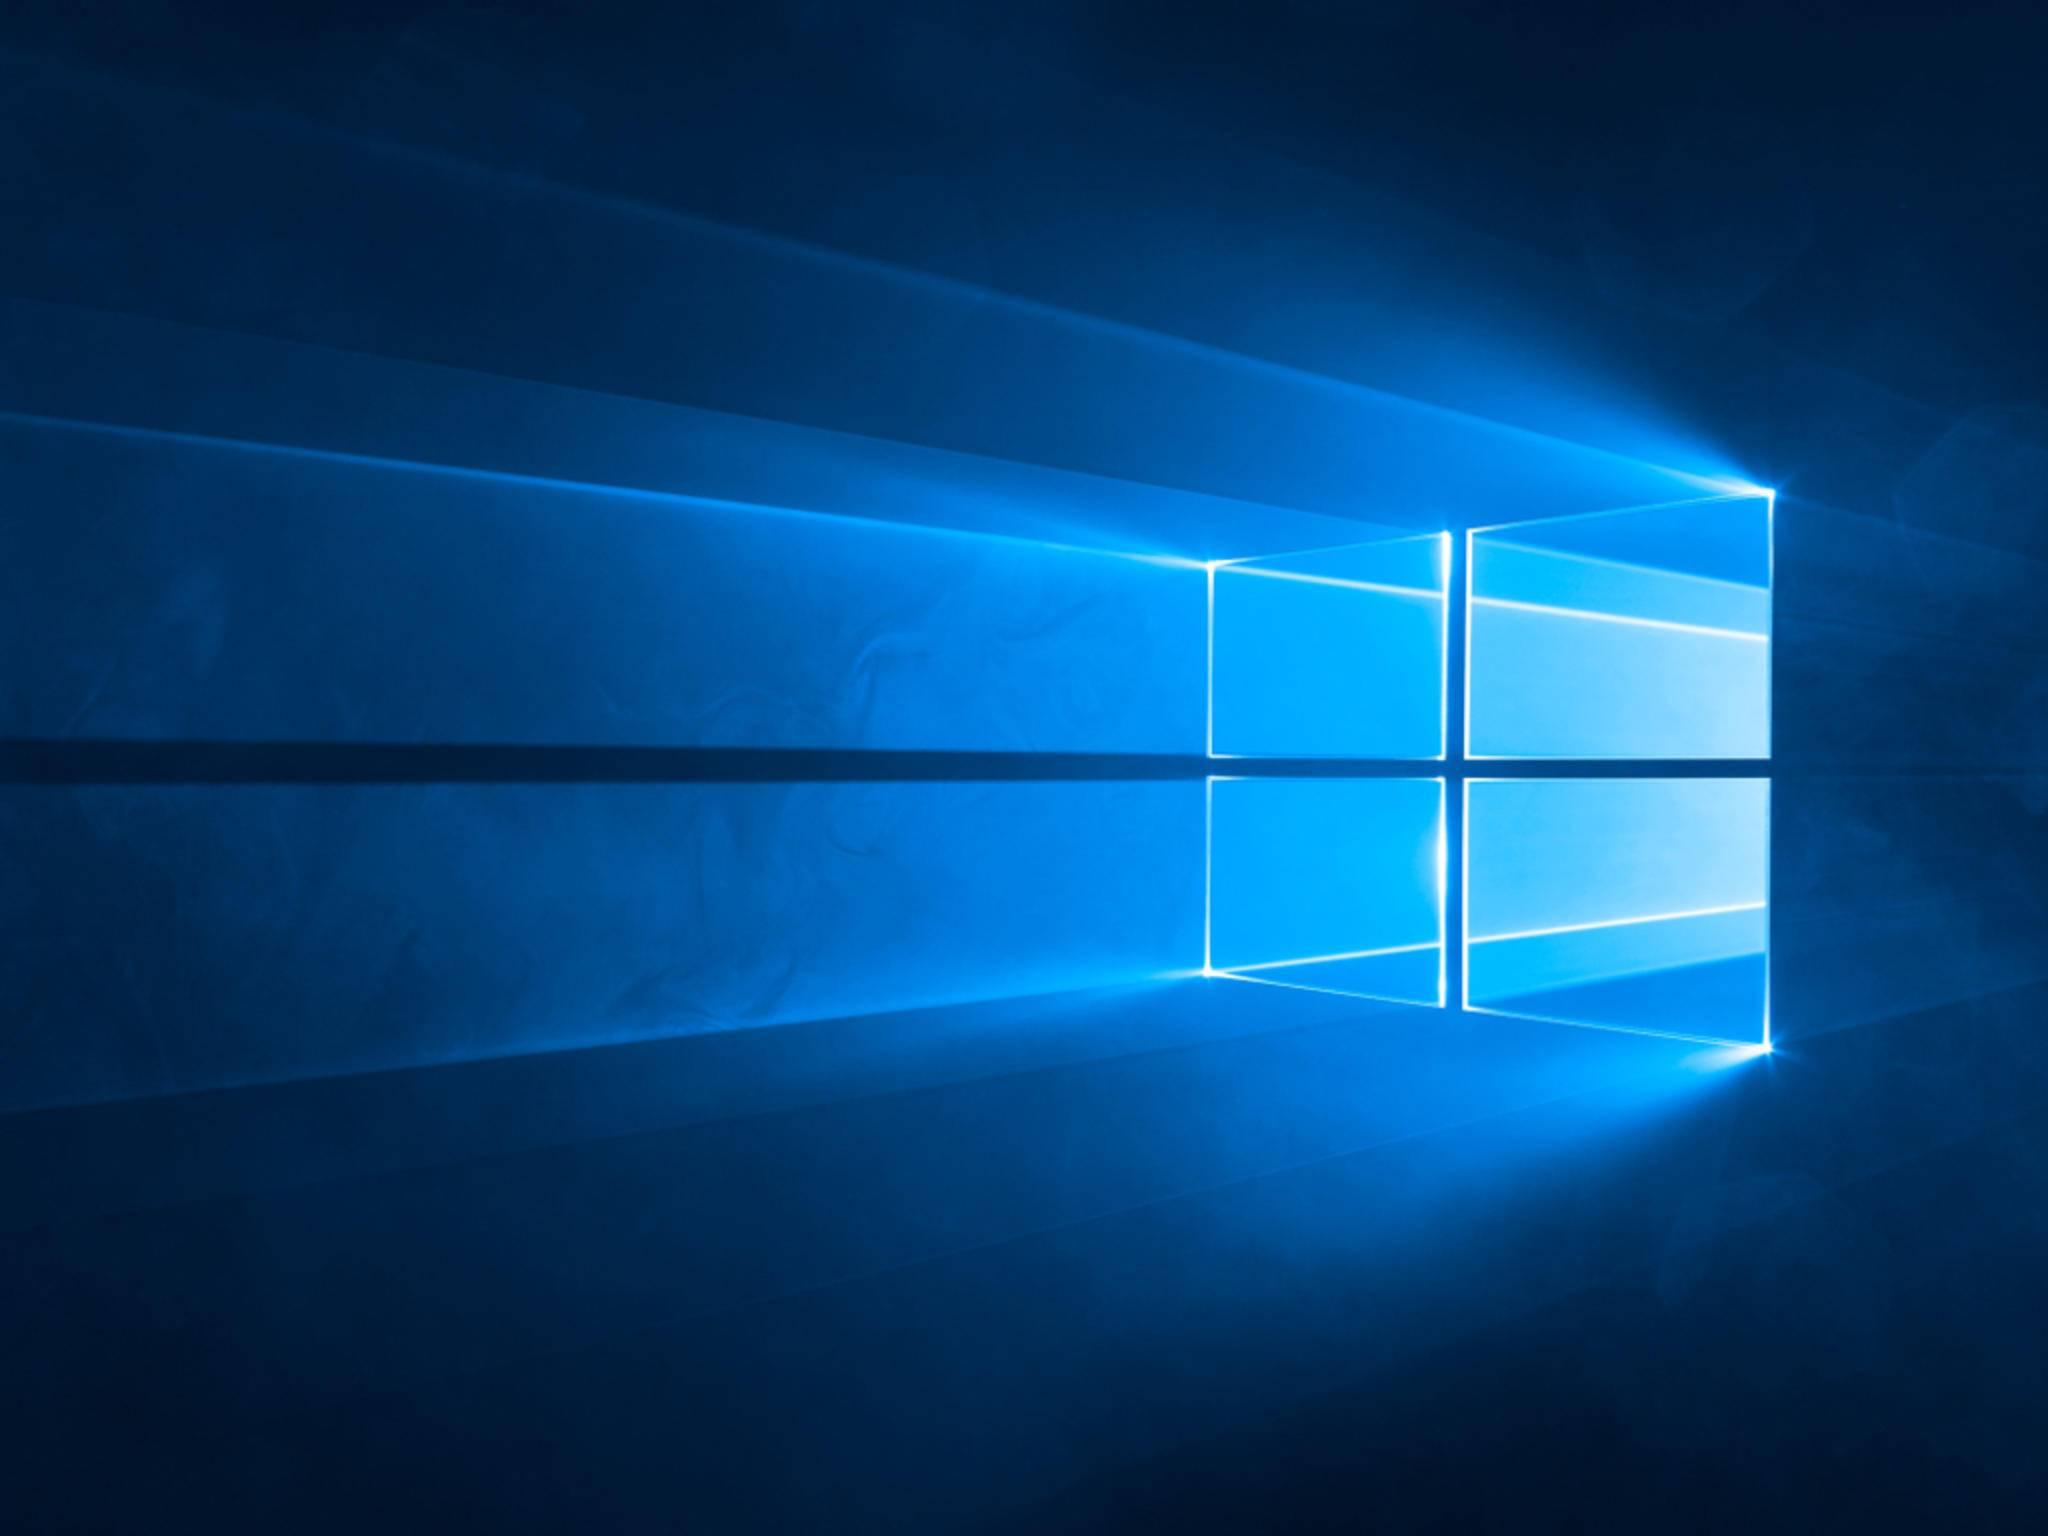 Windows 10 könnte die Akkulaufzeit einiger Notebooks verringern.